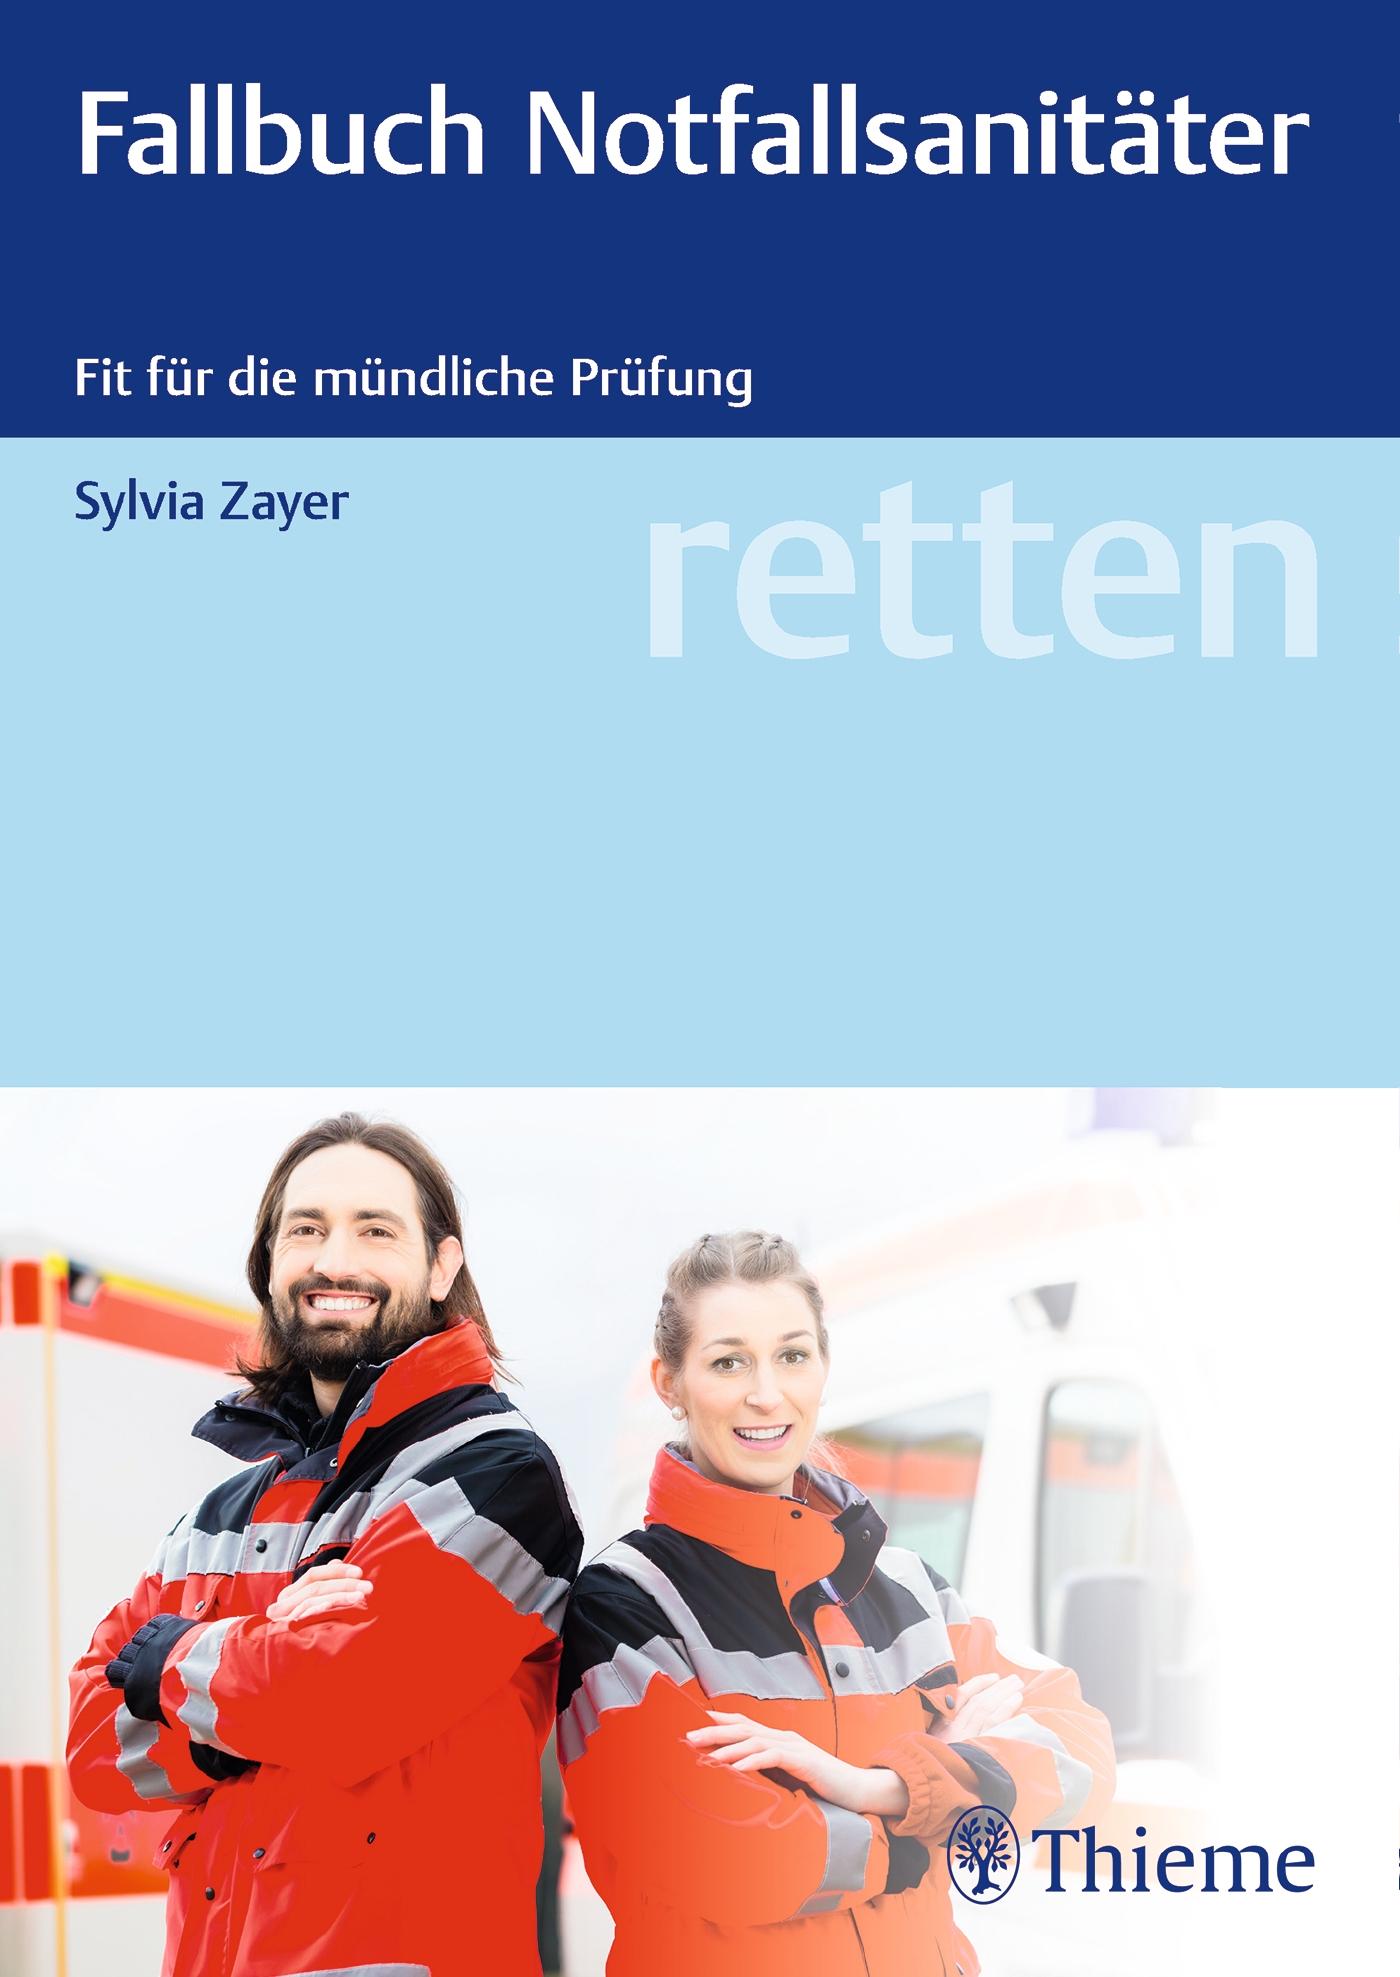 retten - Fallbuch Notfallsanitäter